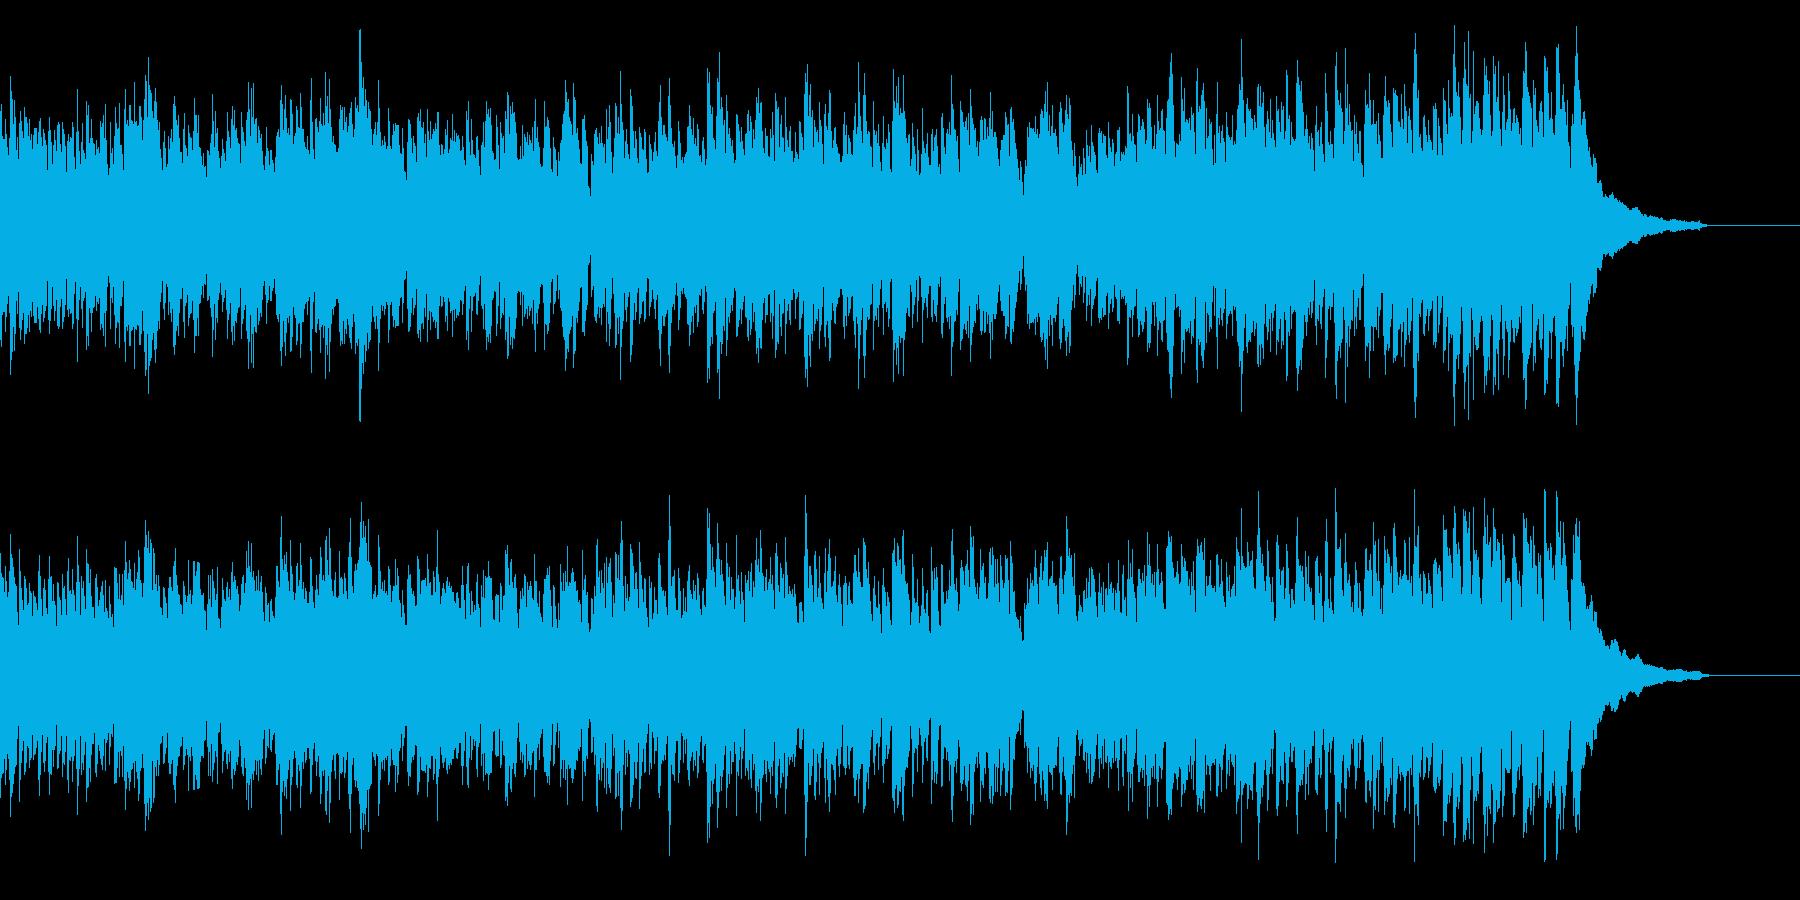 明るく優雅なチェンバロ バロック・高音質の再生済みの波形